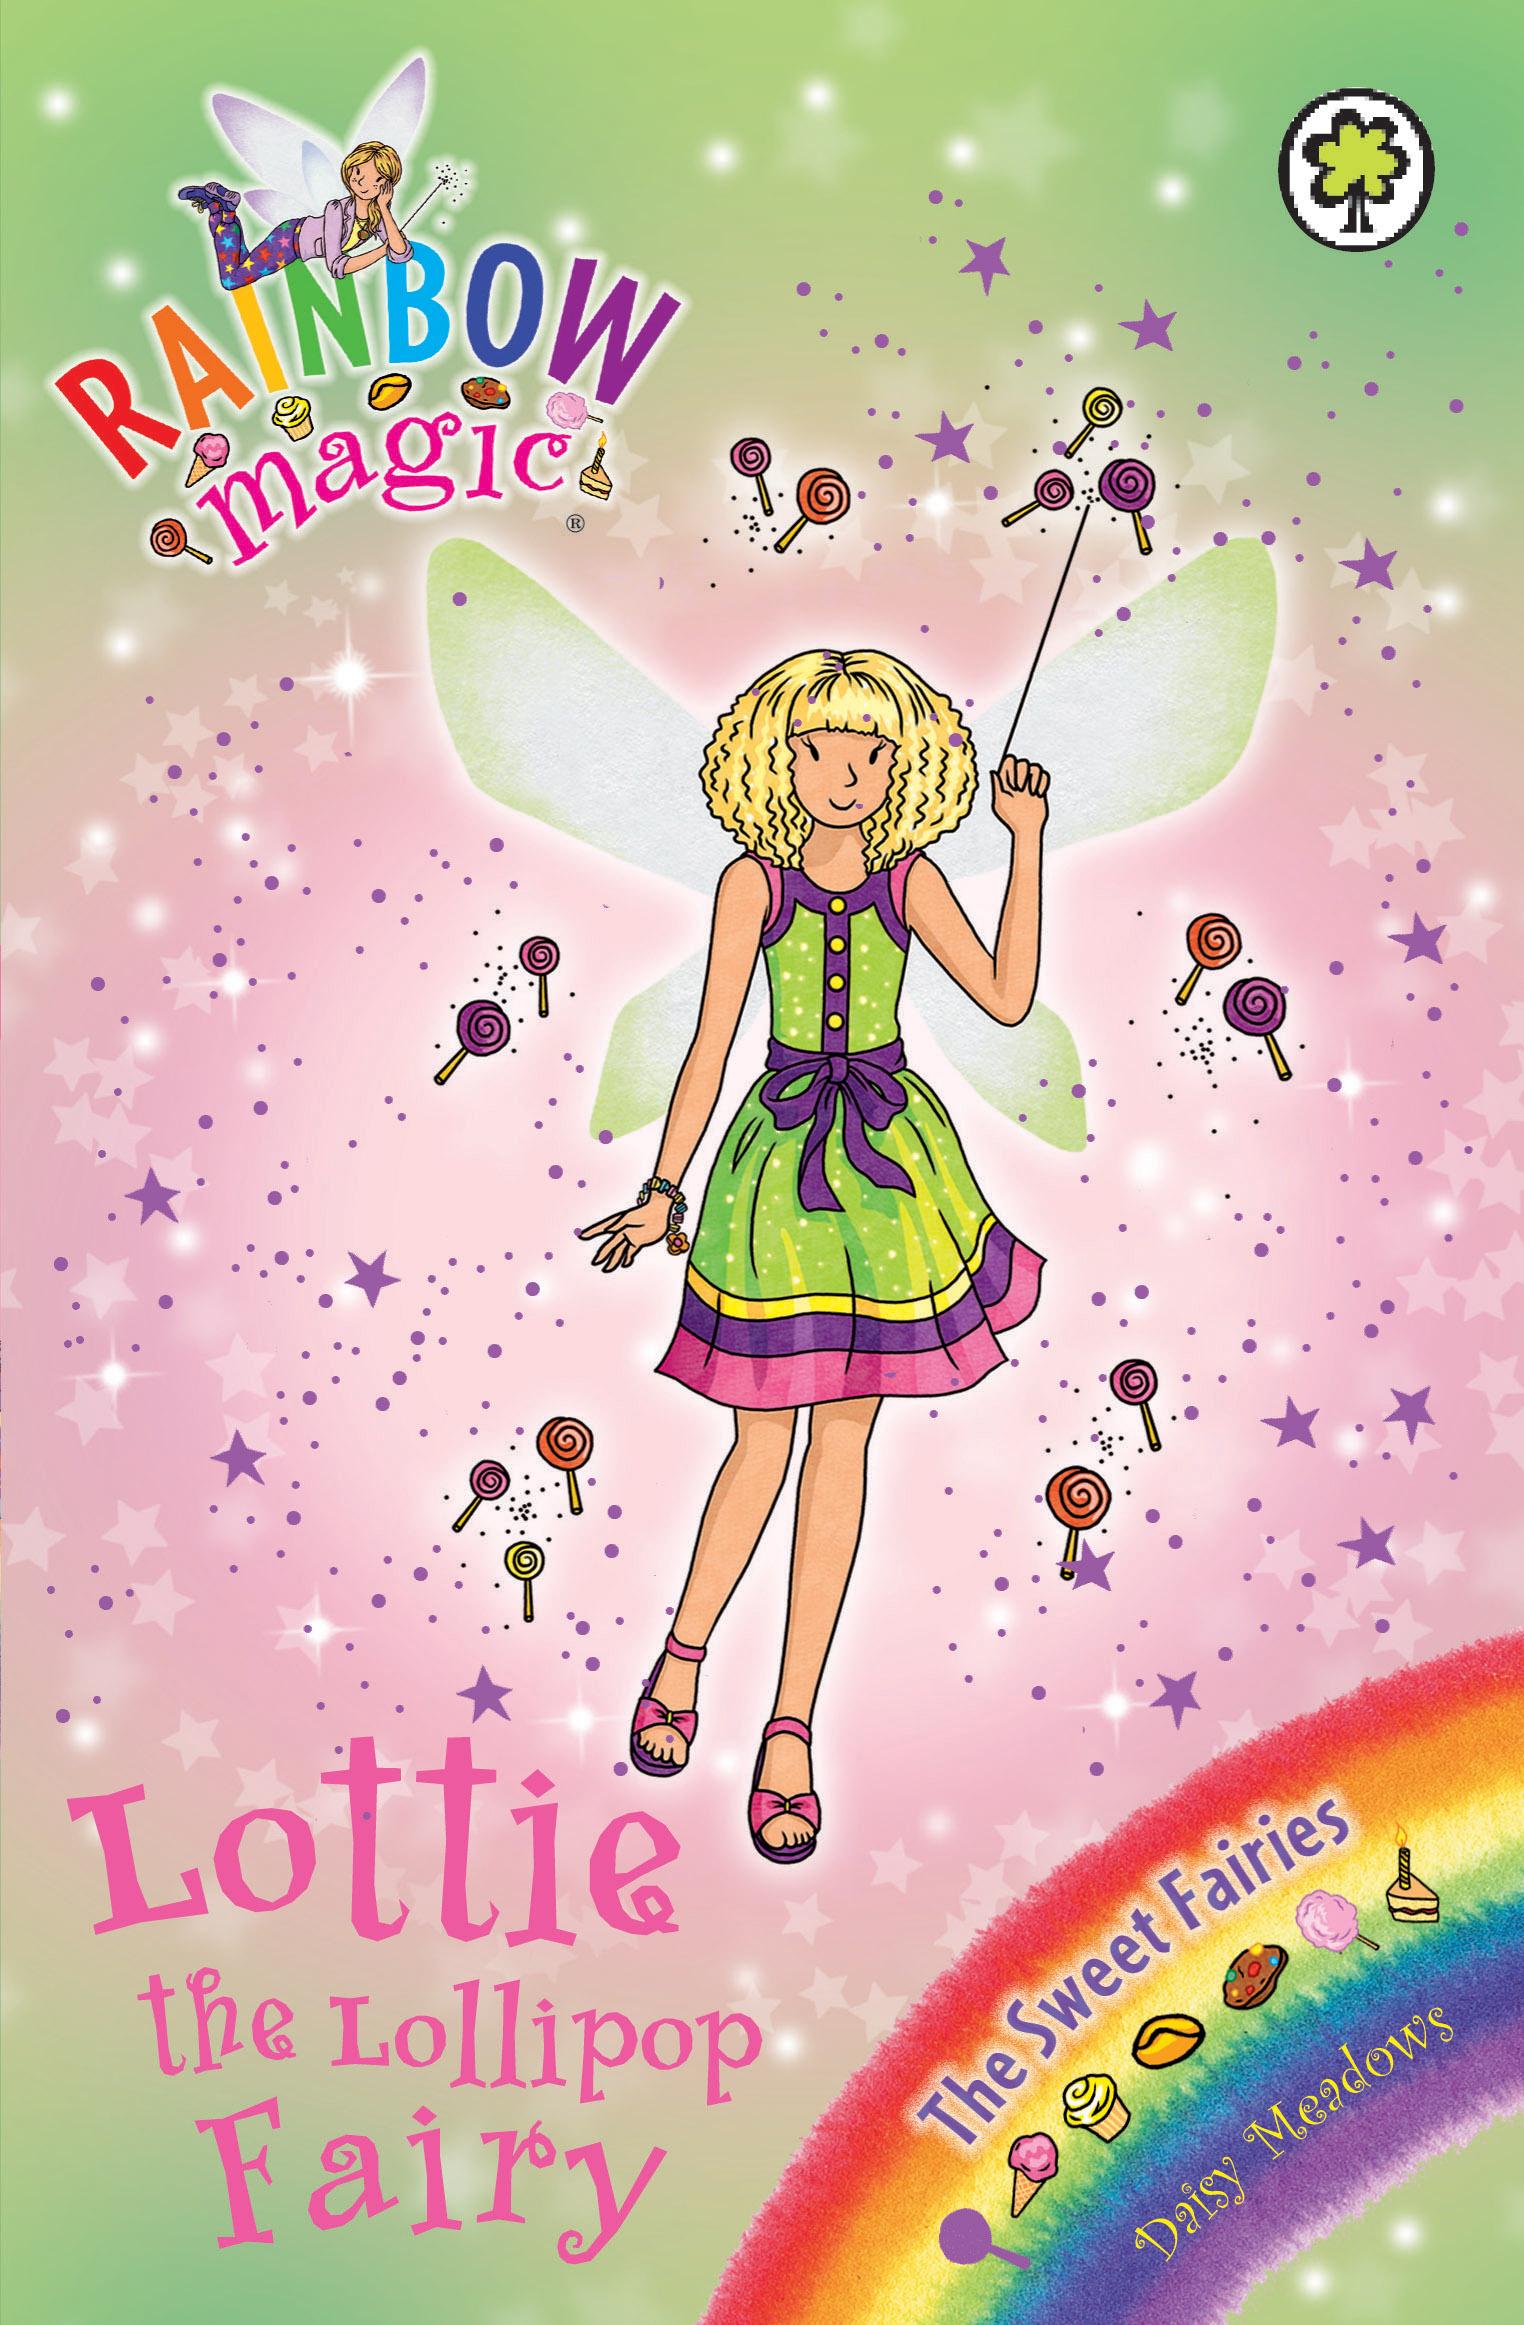 File:Lottie the Lollipop Fairy.jpg